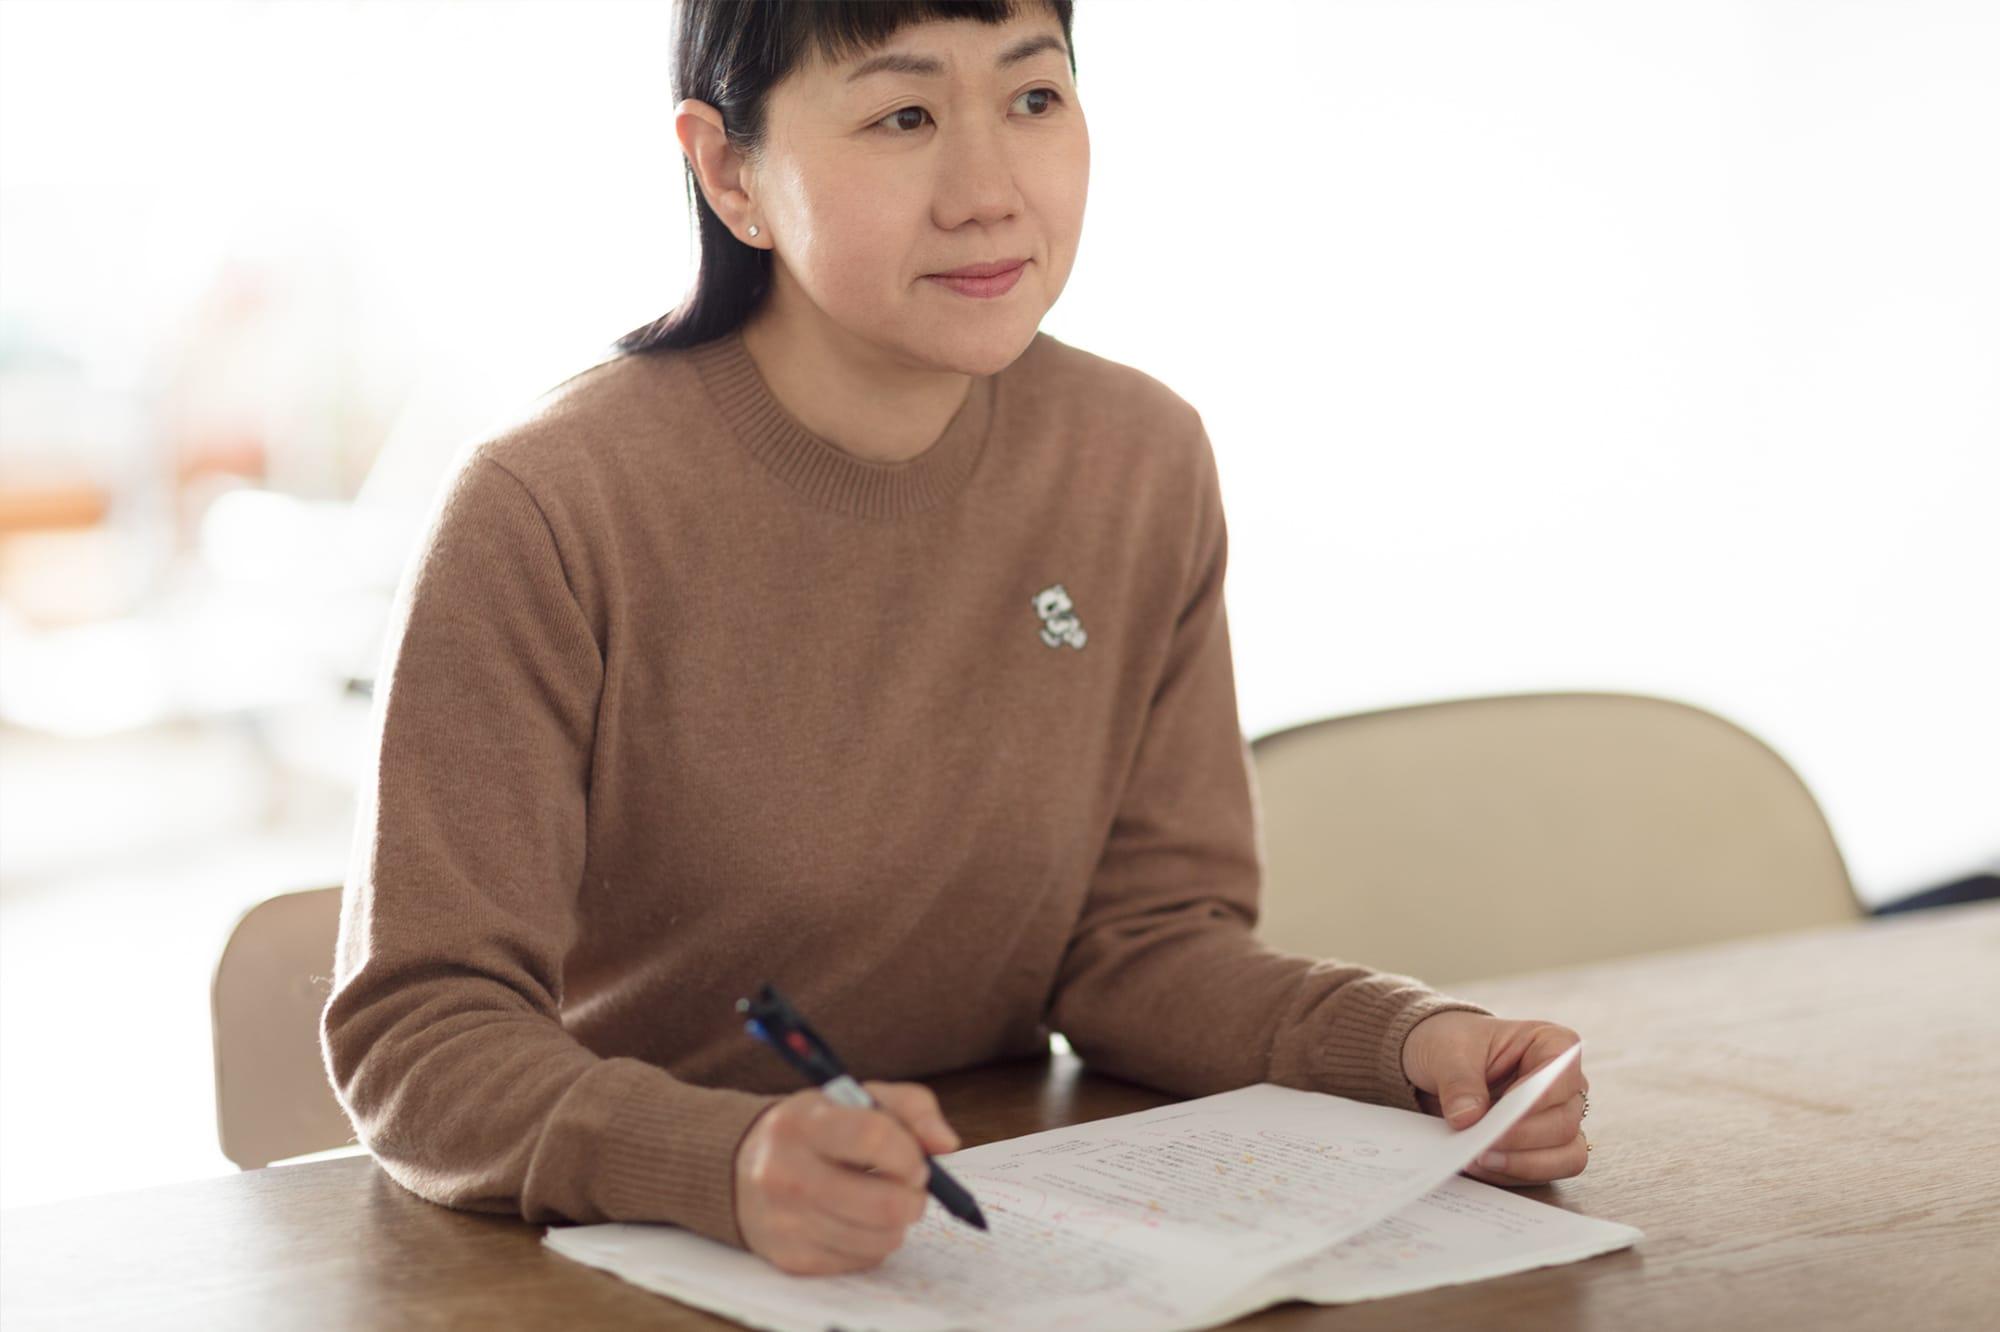 角田訳のユニークさ。たとえば「いつの帝の御時だったでしょうか」と、<敬体>で語り始めたのち「その昔、帝に深く愛されている女がいた」と<常体>に変化。読みやすくする工夫が随所に見られる。